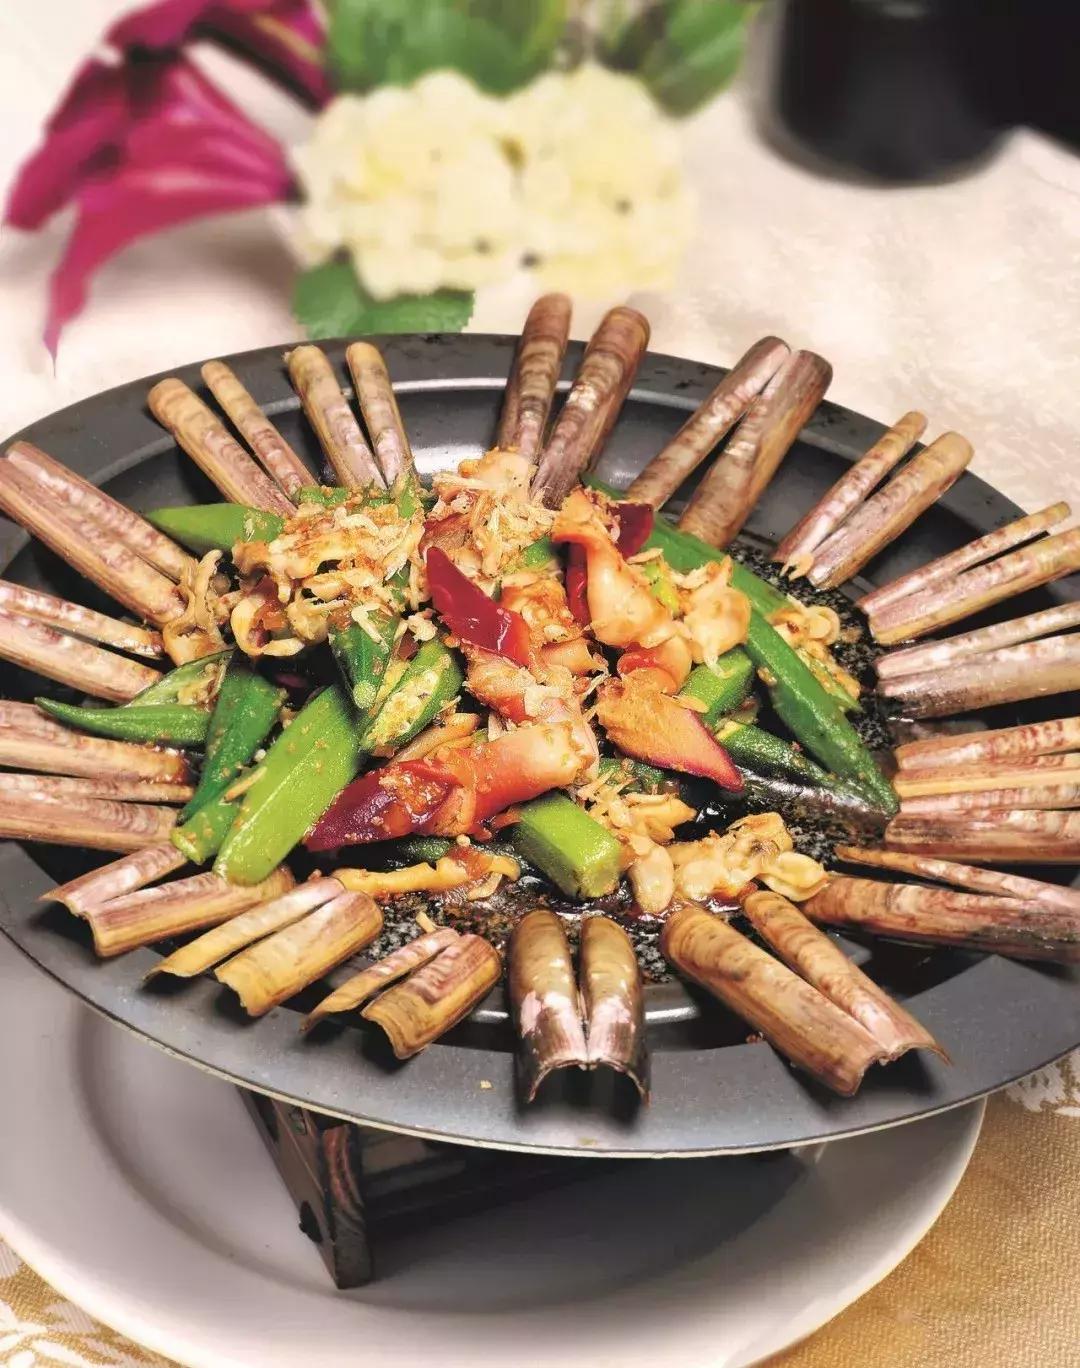 八道巧手粤菜制作,吃过的客人都说好 粤菜制作 第6张